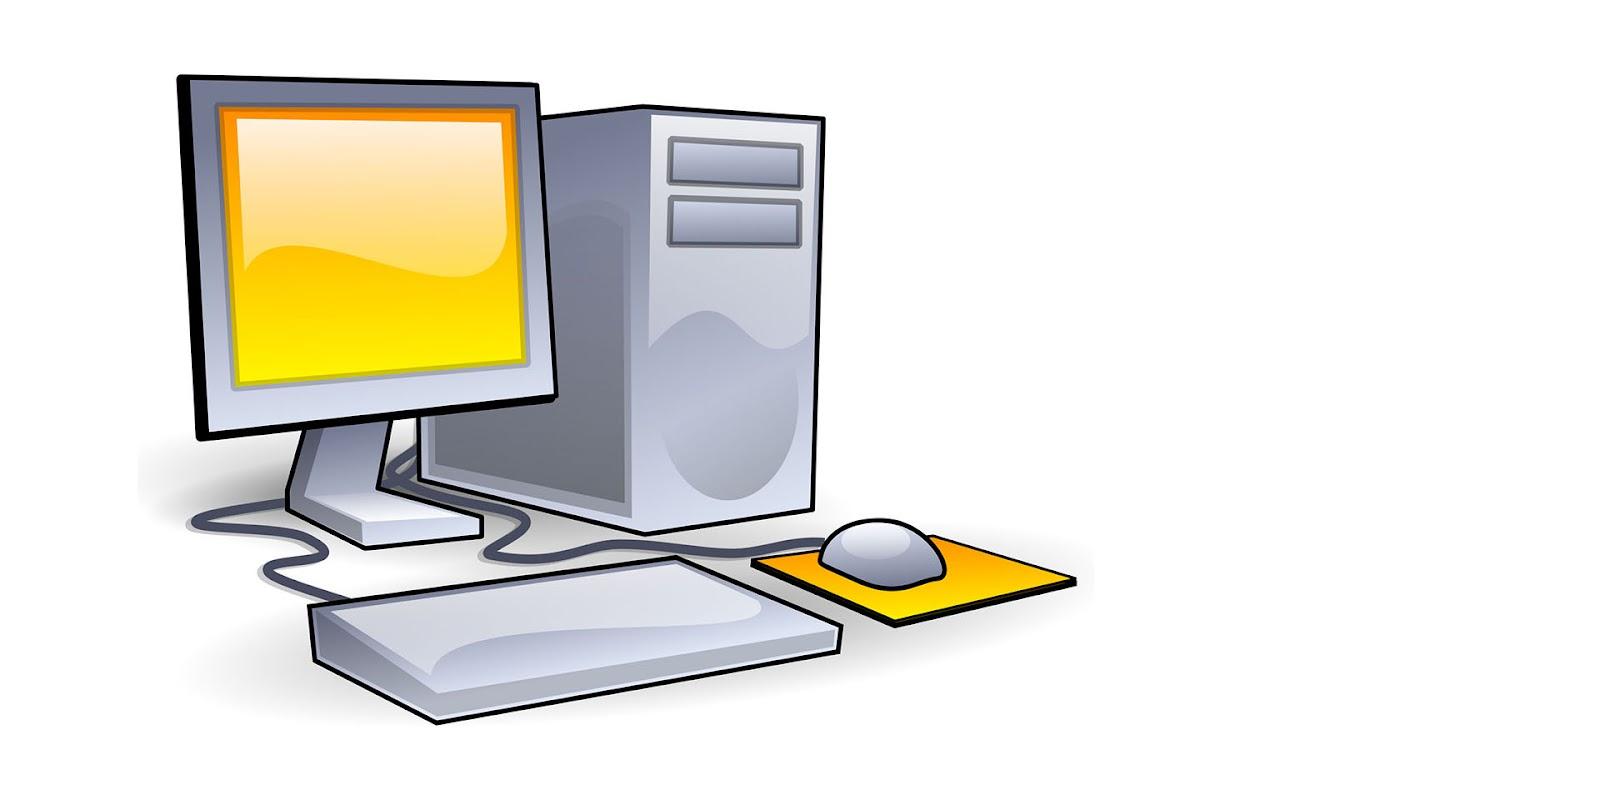 Một số yêu cầu của thiết bị để cài đặt phần mềm